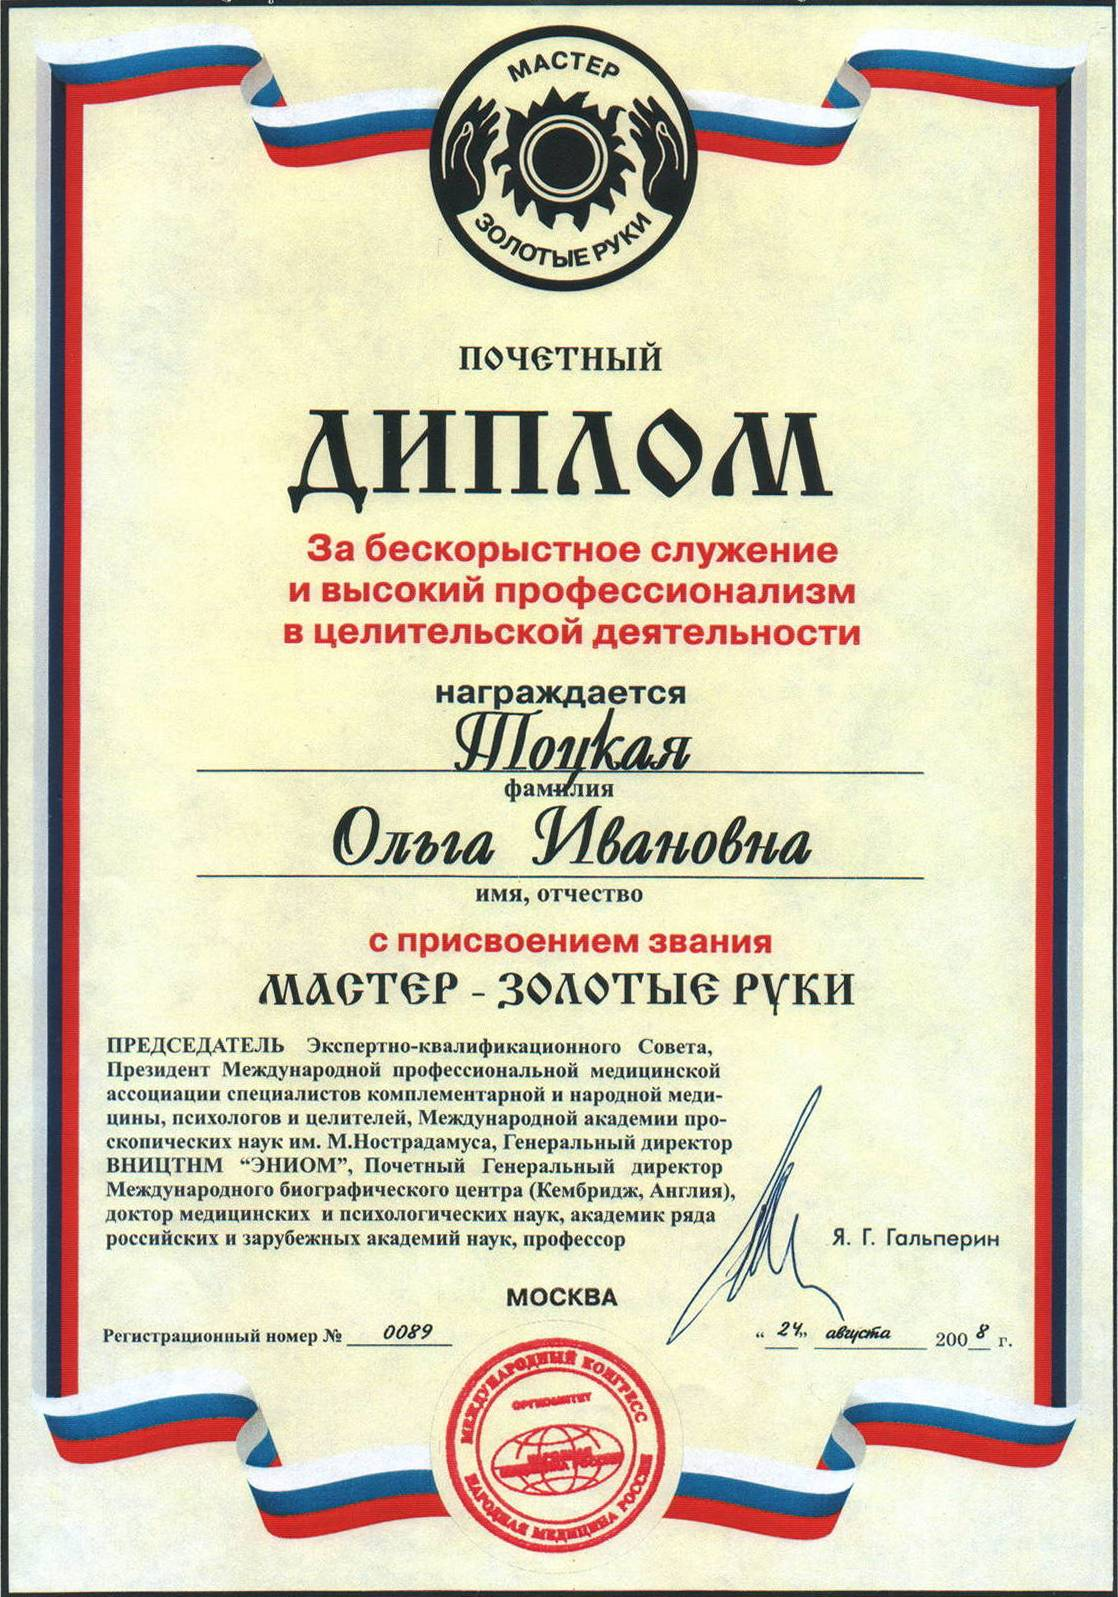 Диплом за бескорыстное служение и высокий профессионализм в целительской деятельности